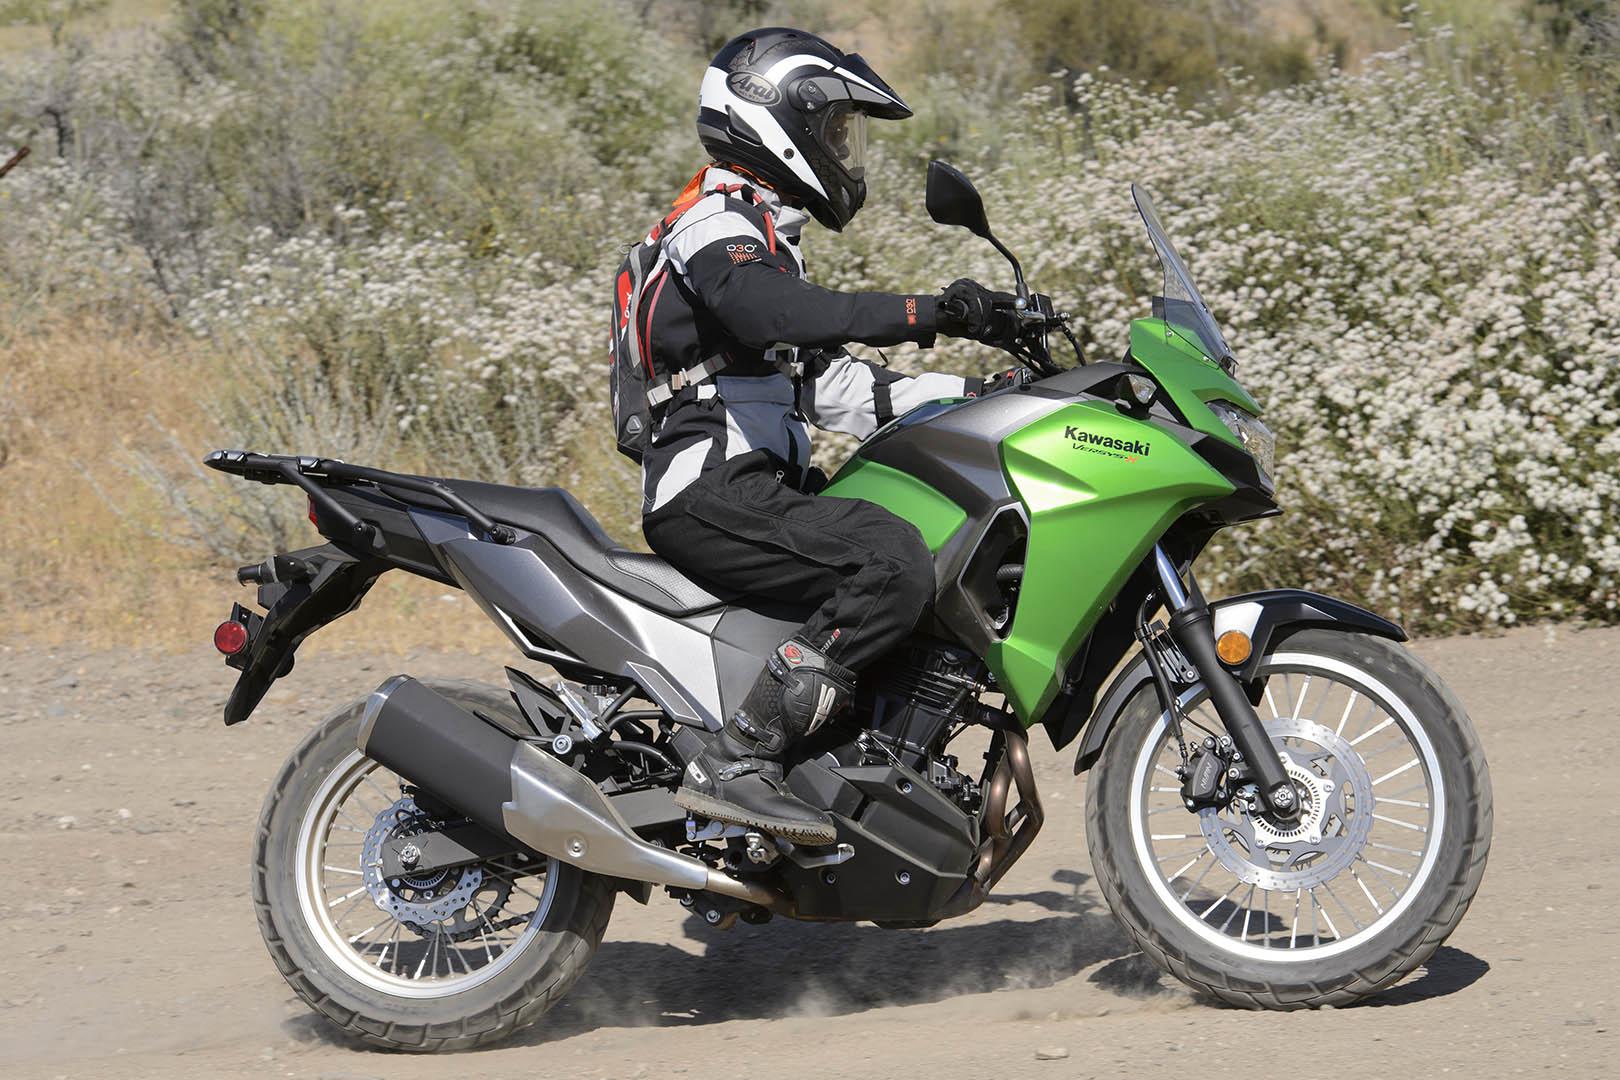 New Rider's Buyer's Guide ADVs: Kawasaki Versys-X 300